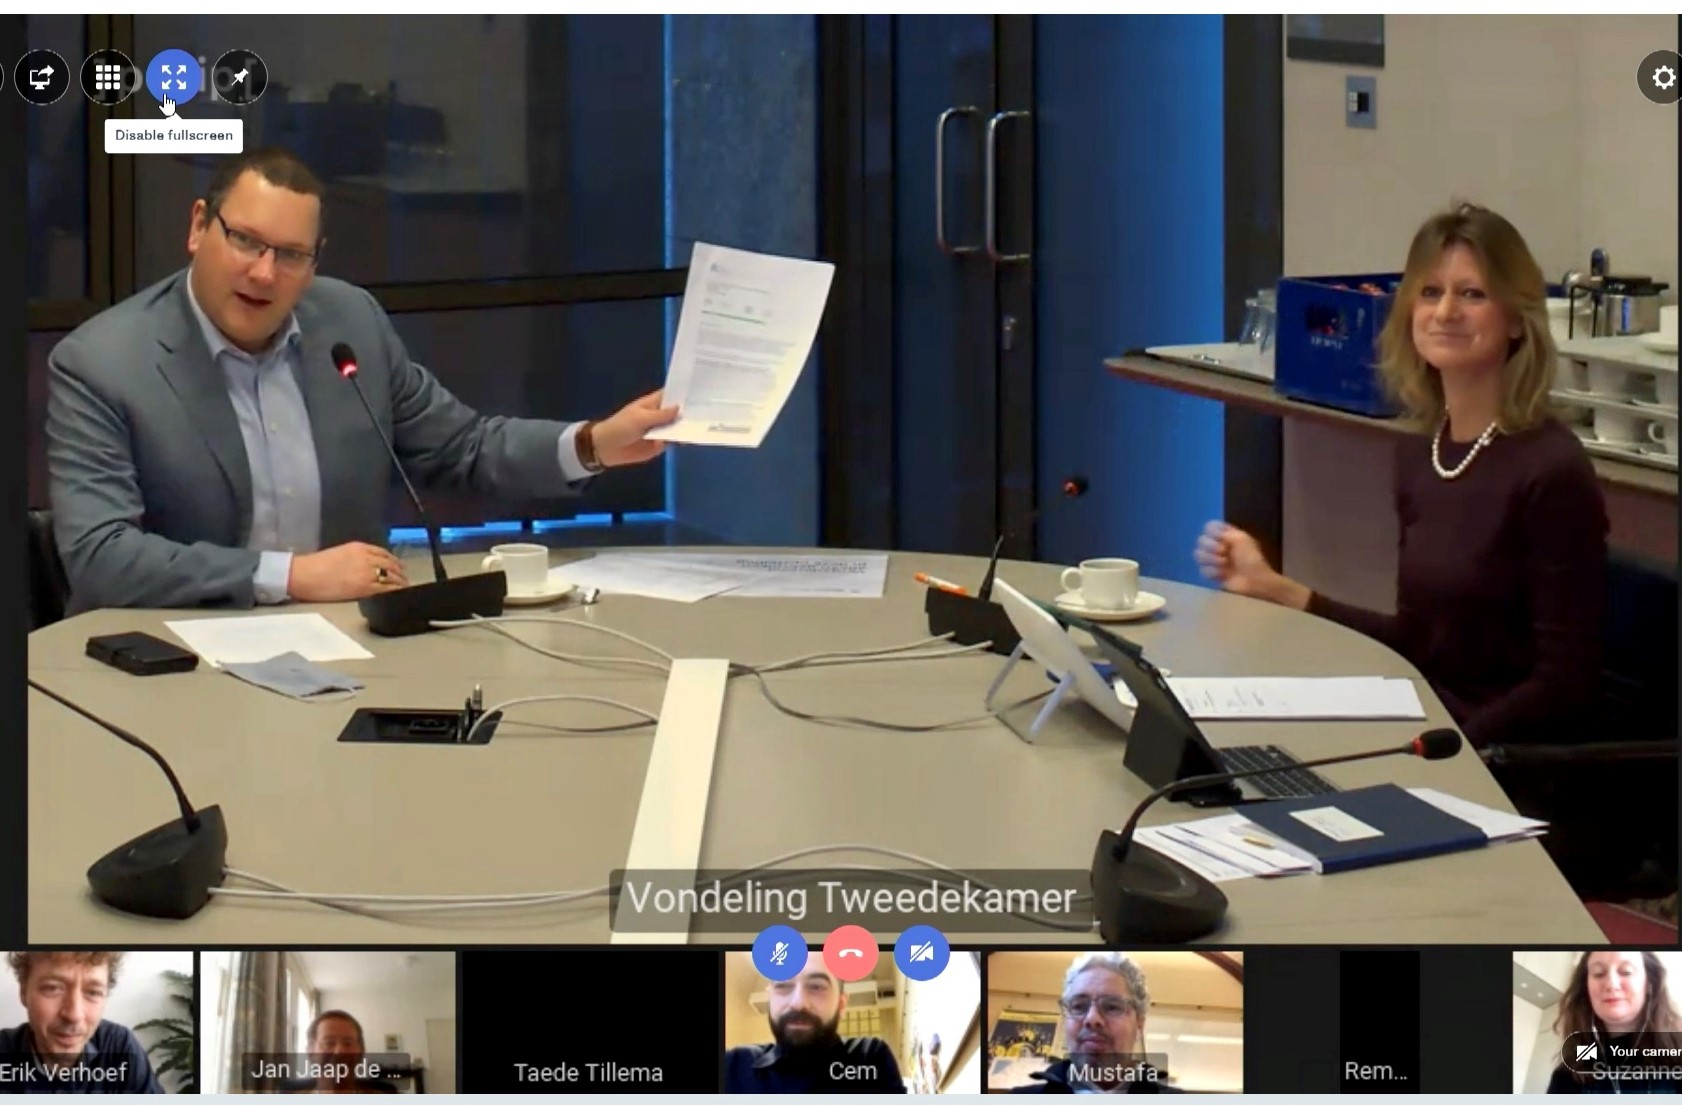 Kamerlid Rutger Schonis (D66) nam het advies op 10 februari 2021 namens de Tweede Kamer op de online bijeenkomst in ontvangst.